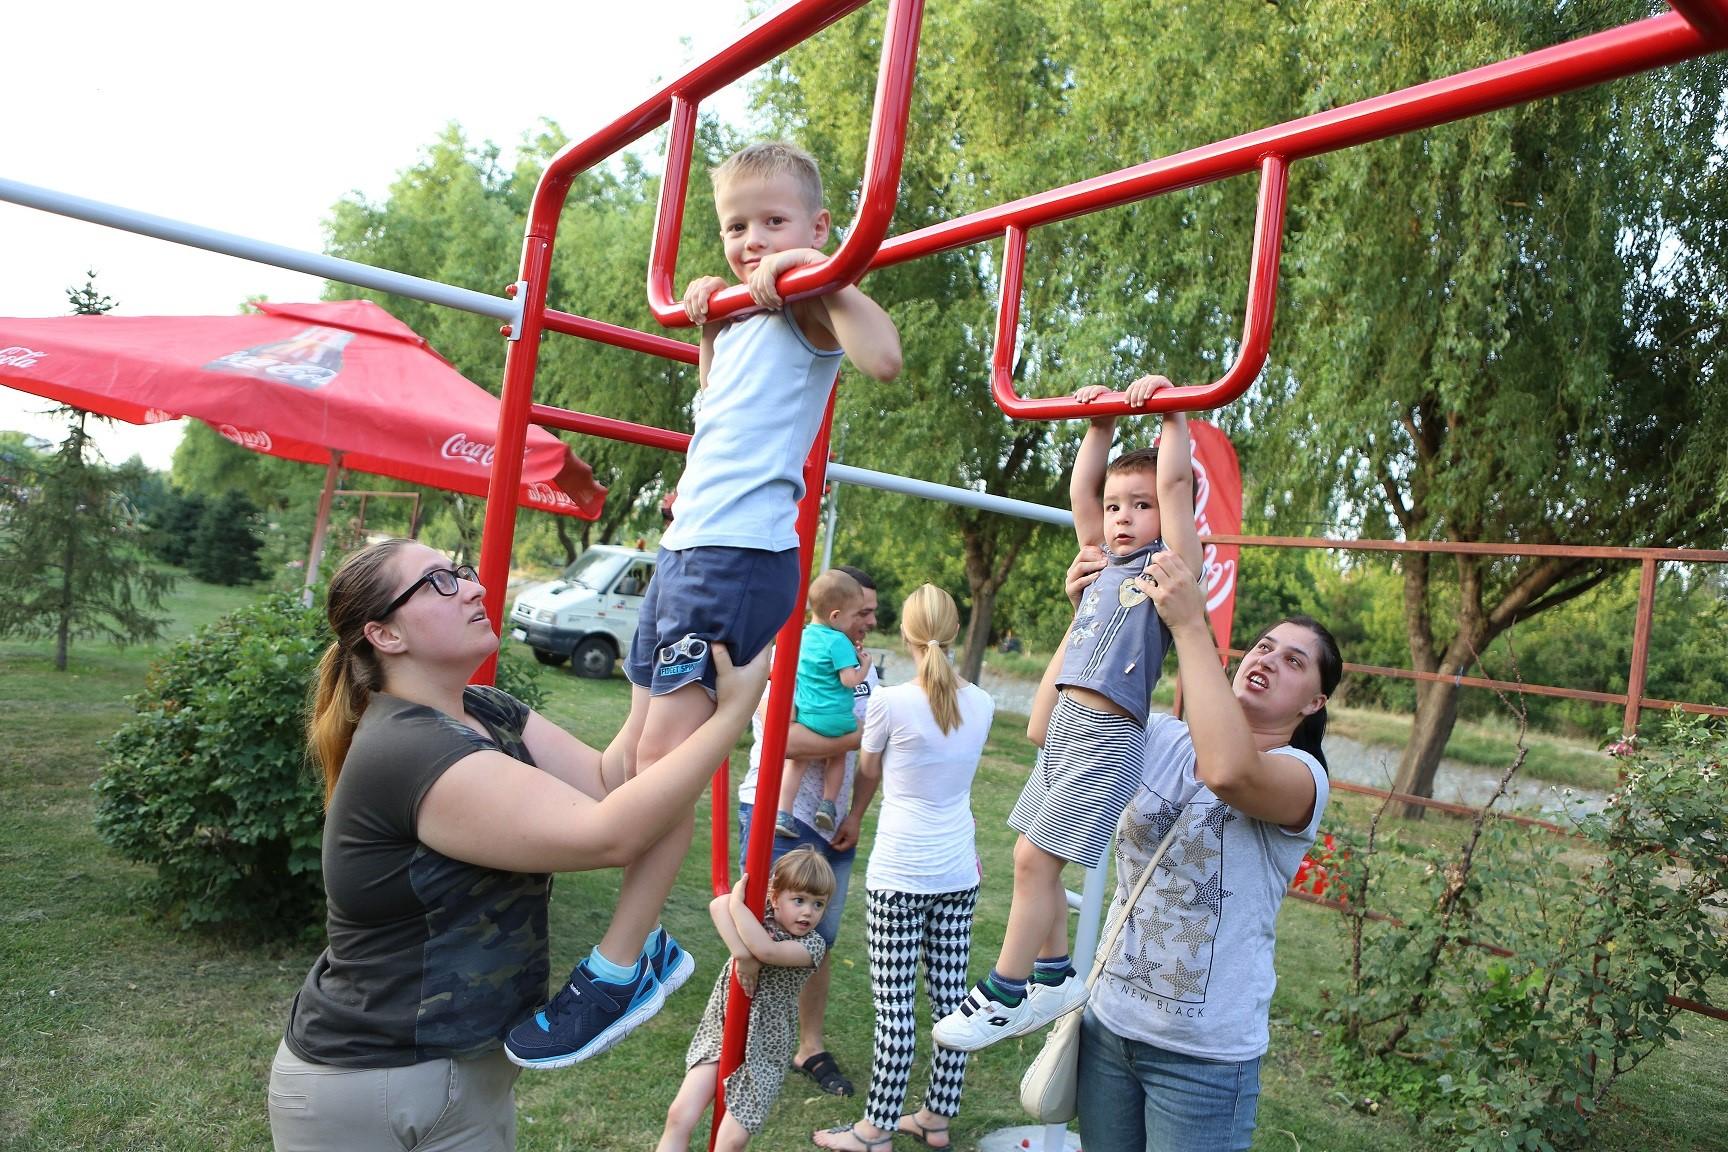 (2) kumanovo-dobi-sportsko-rekreativna-zona-donacija-od-pivara-skopje-i-kompanijata-coca-cola-www.kafepauza.mk